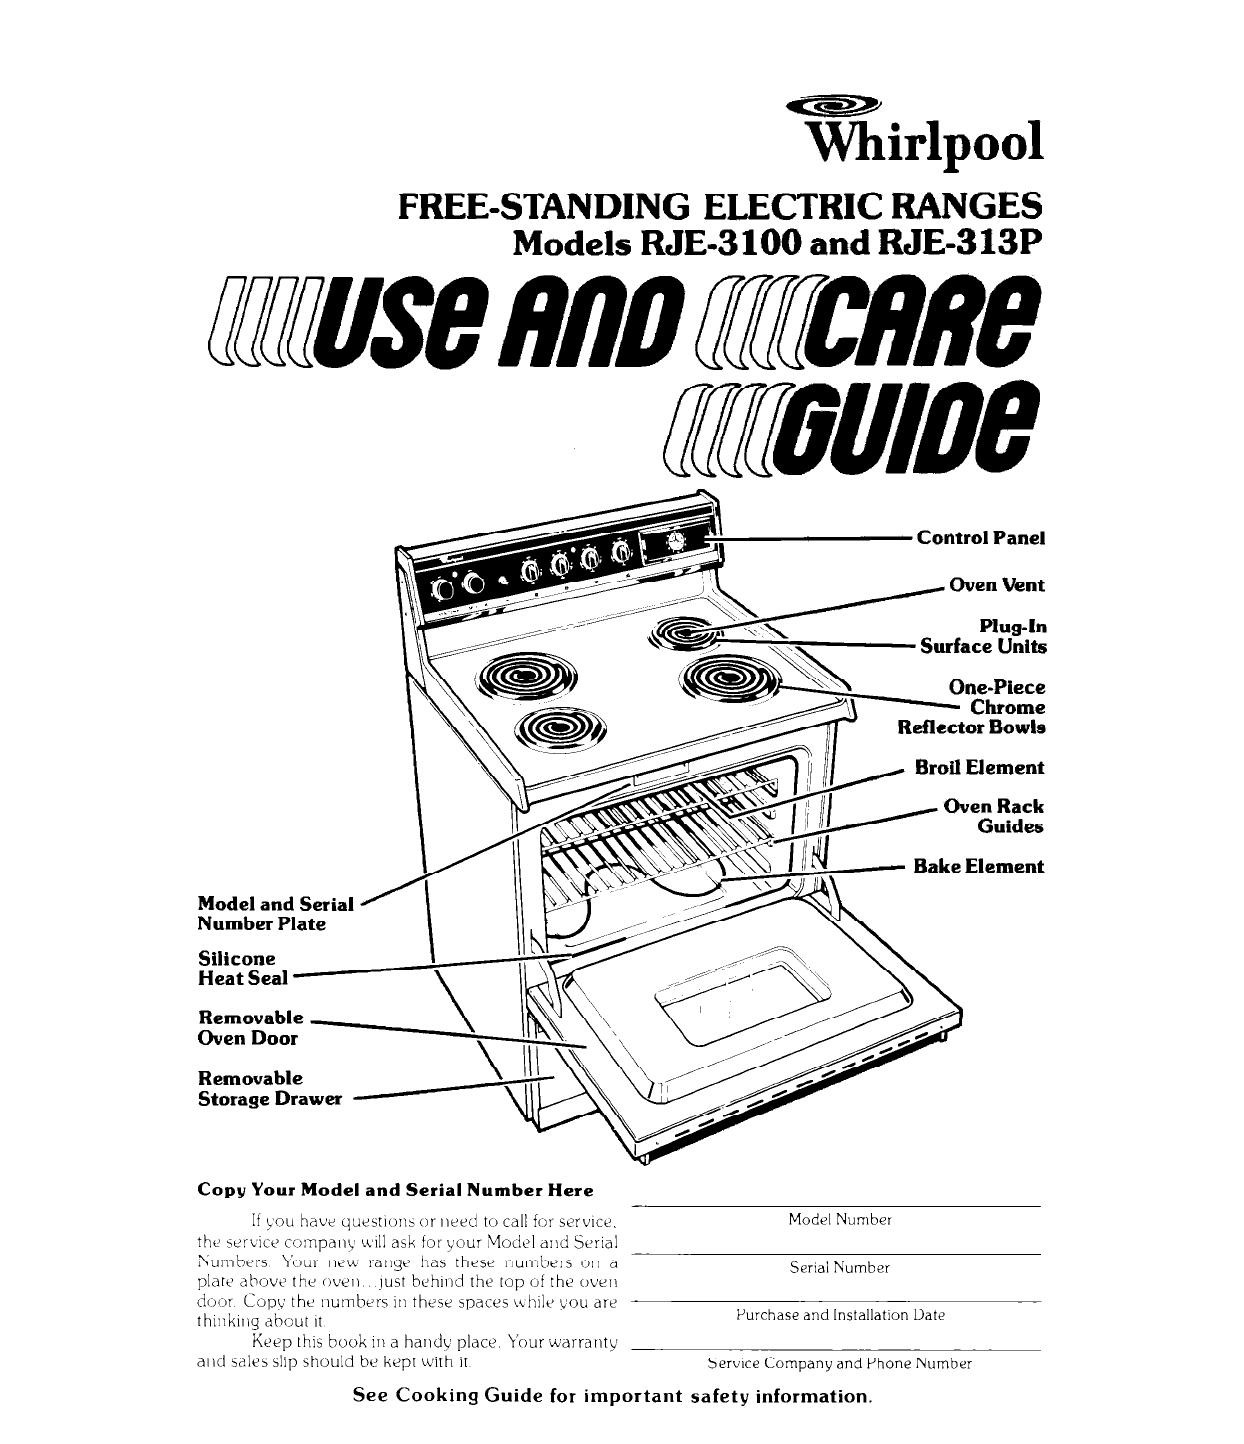 Whirlpool Range Rje 3100 User Guide Manualsonline Com border=